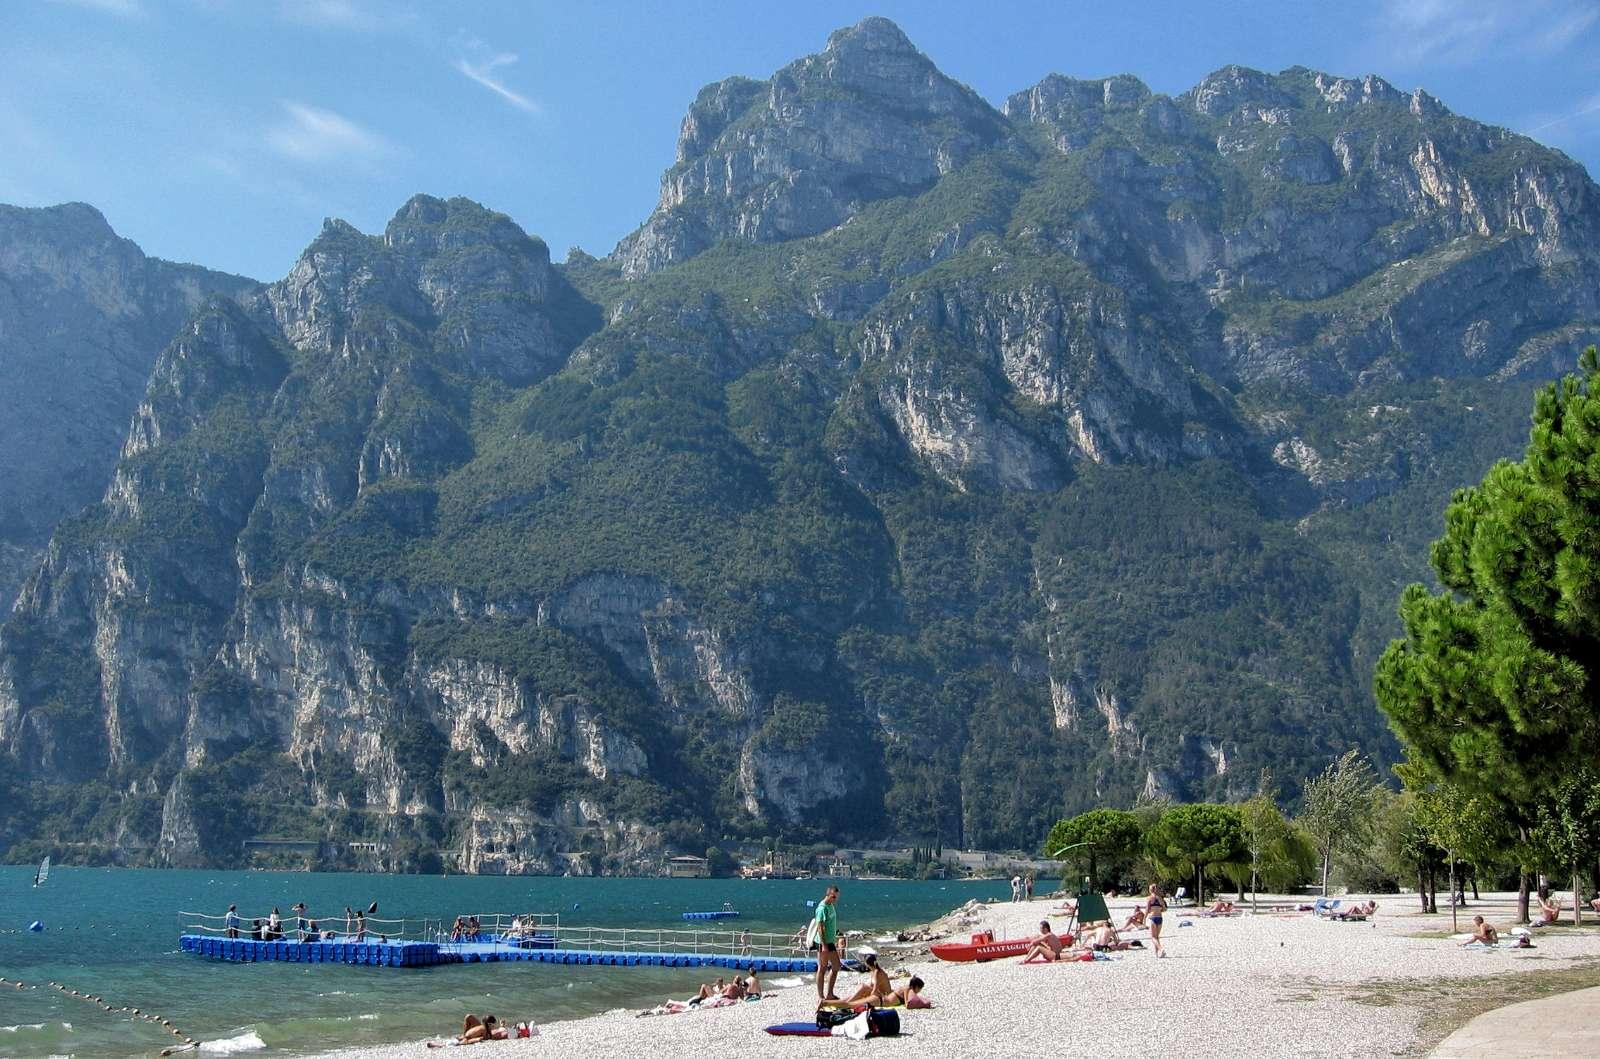 En av småstränderna du kan finna vid Gardasjön